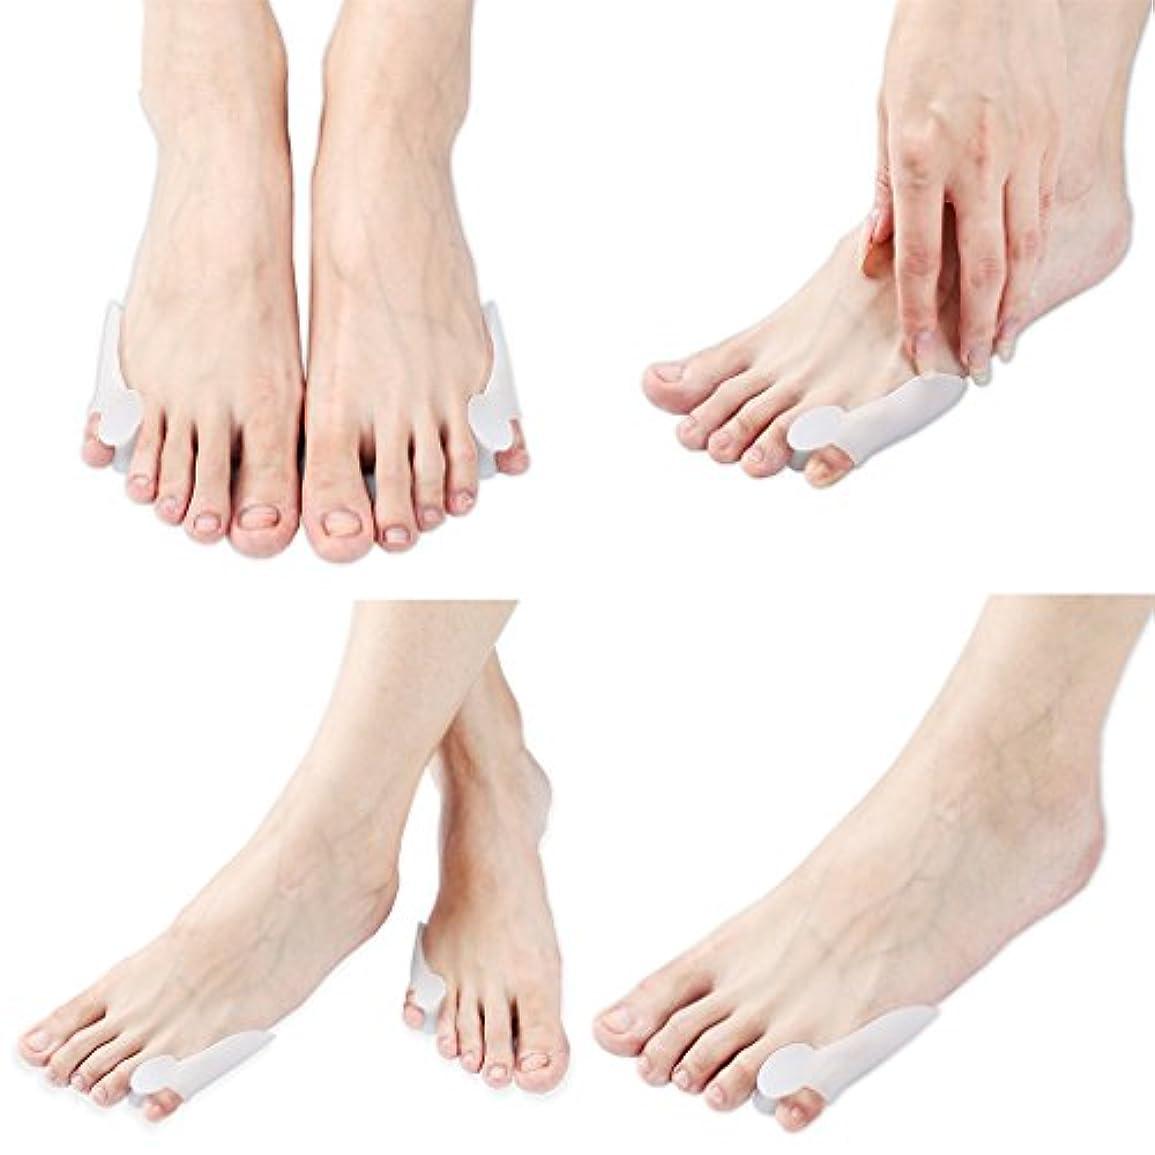 荒らす申し立て資金小指シリコンパッド 足指分離パッド 足指セパレーター 矯正インソール 内反小趾 保護キャップ 2個入